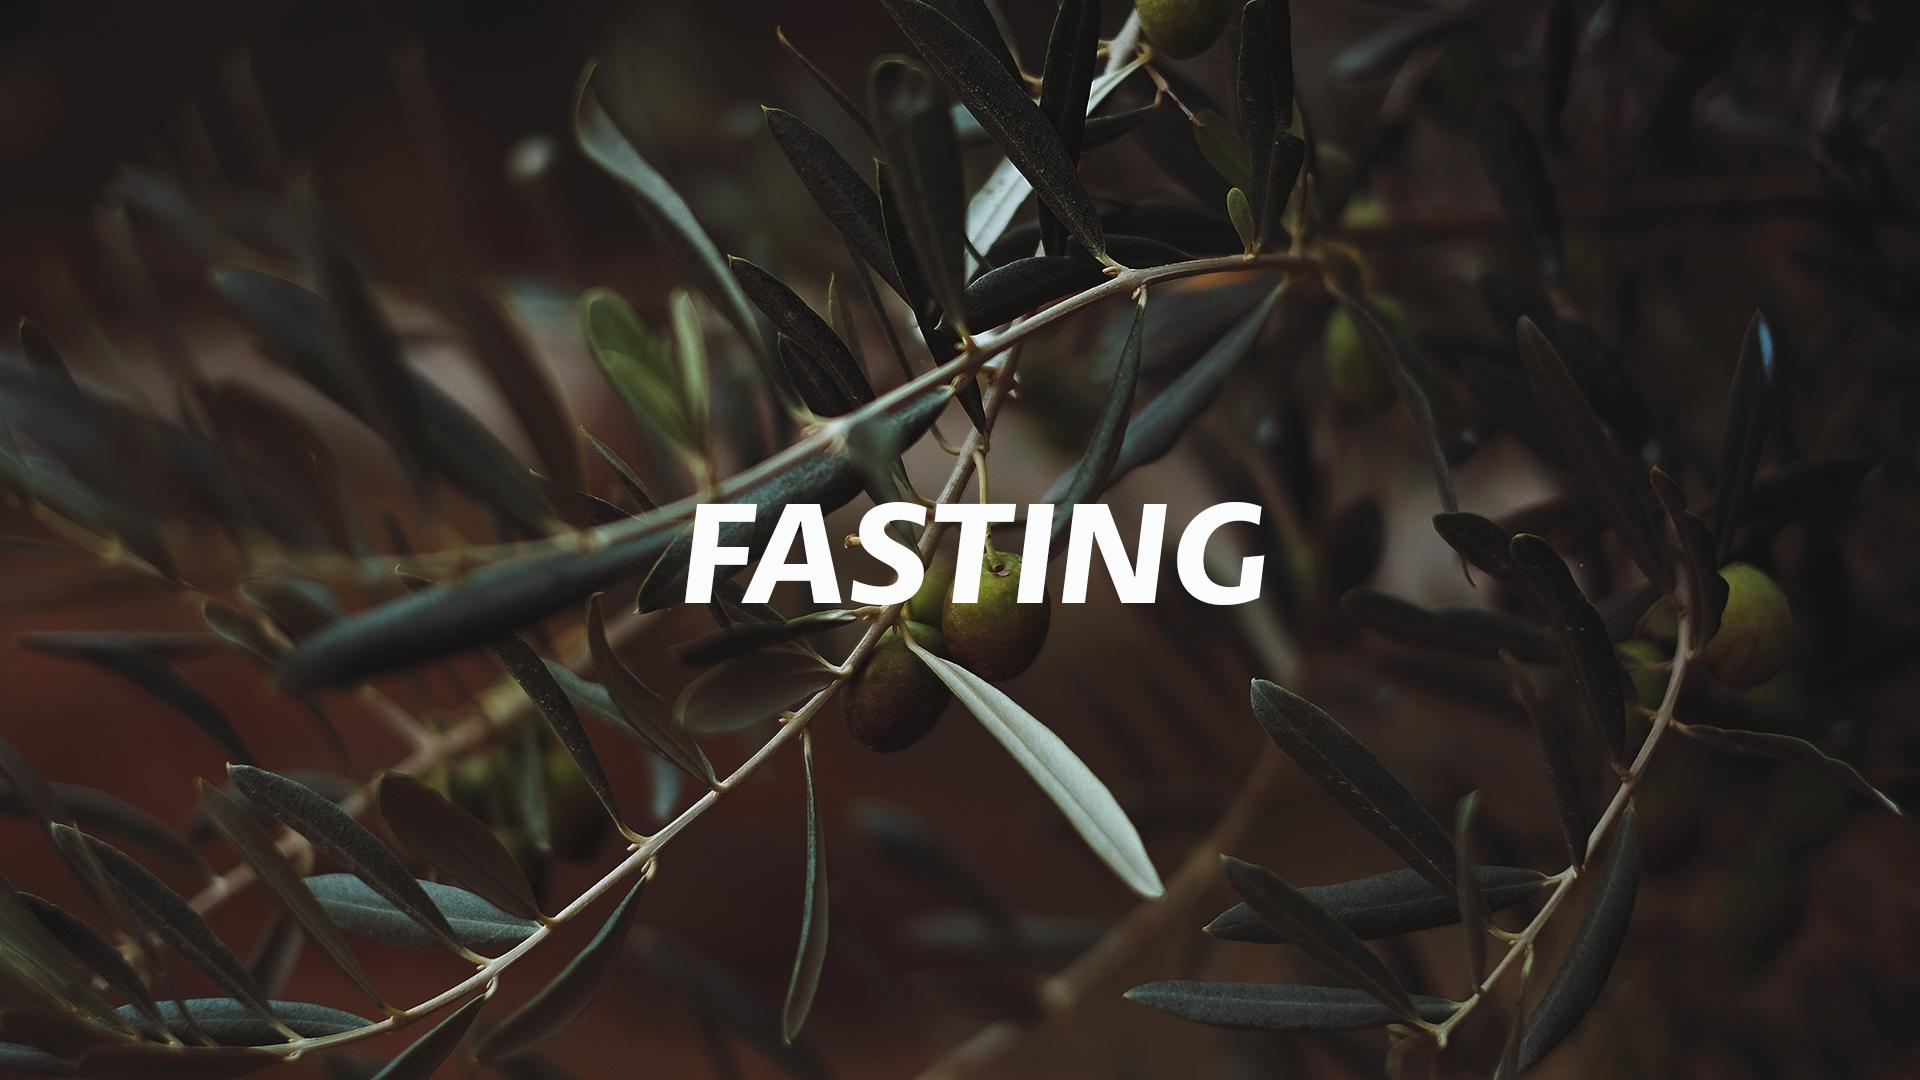 fastingimage.jpg